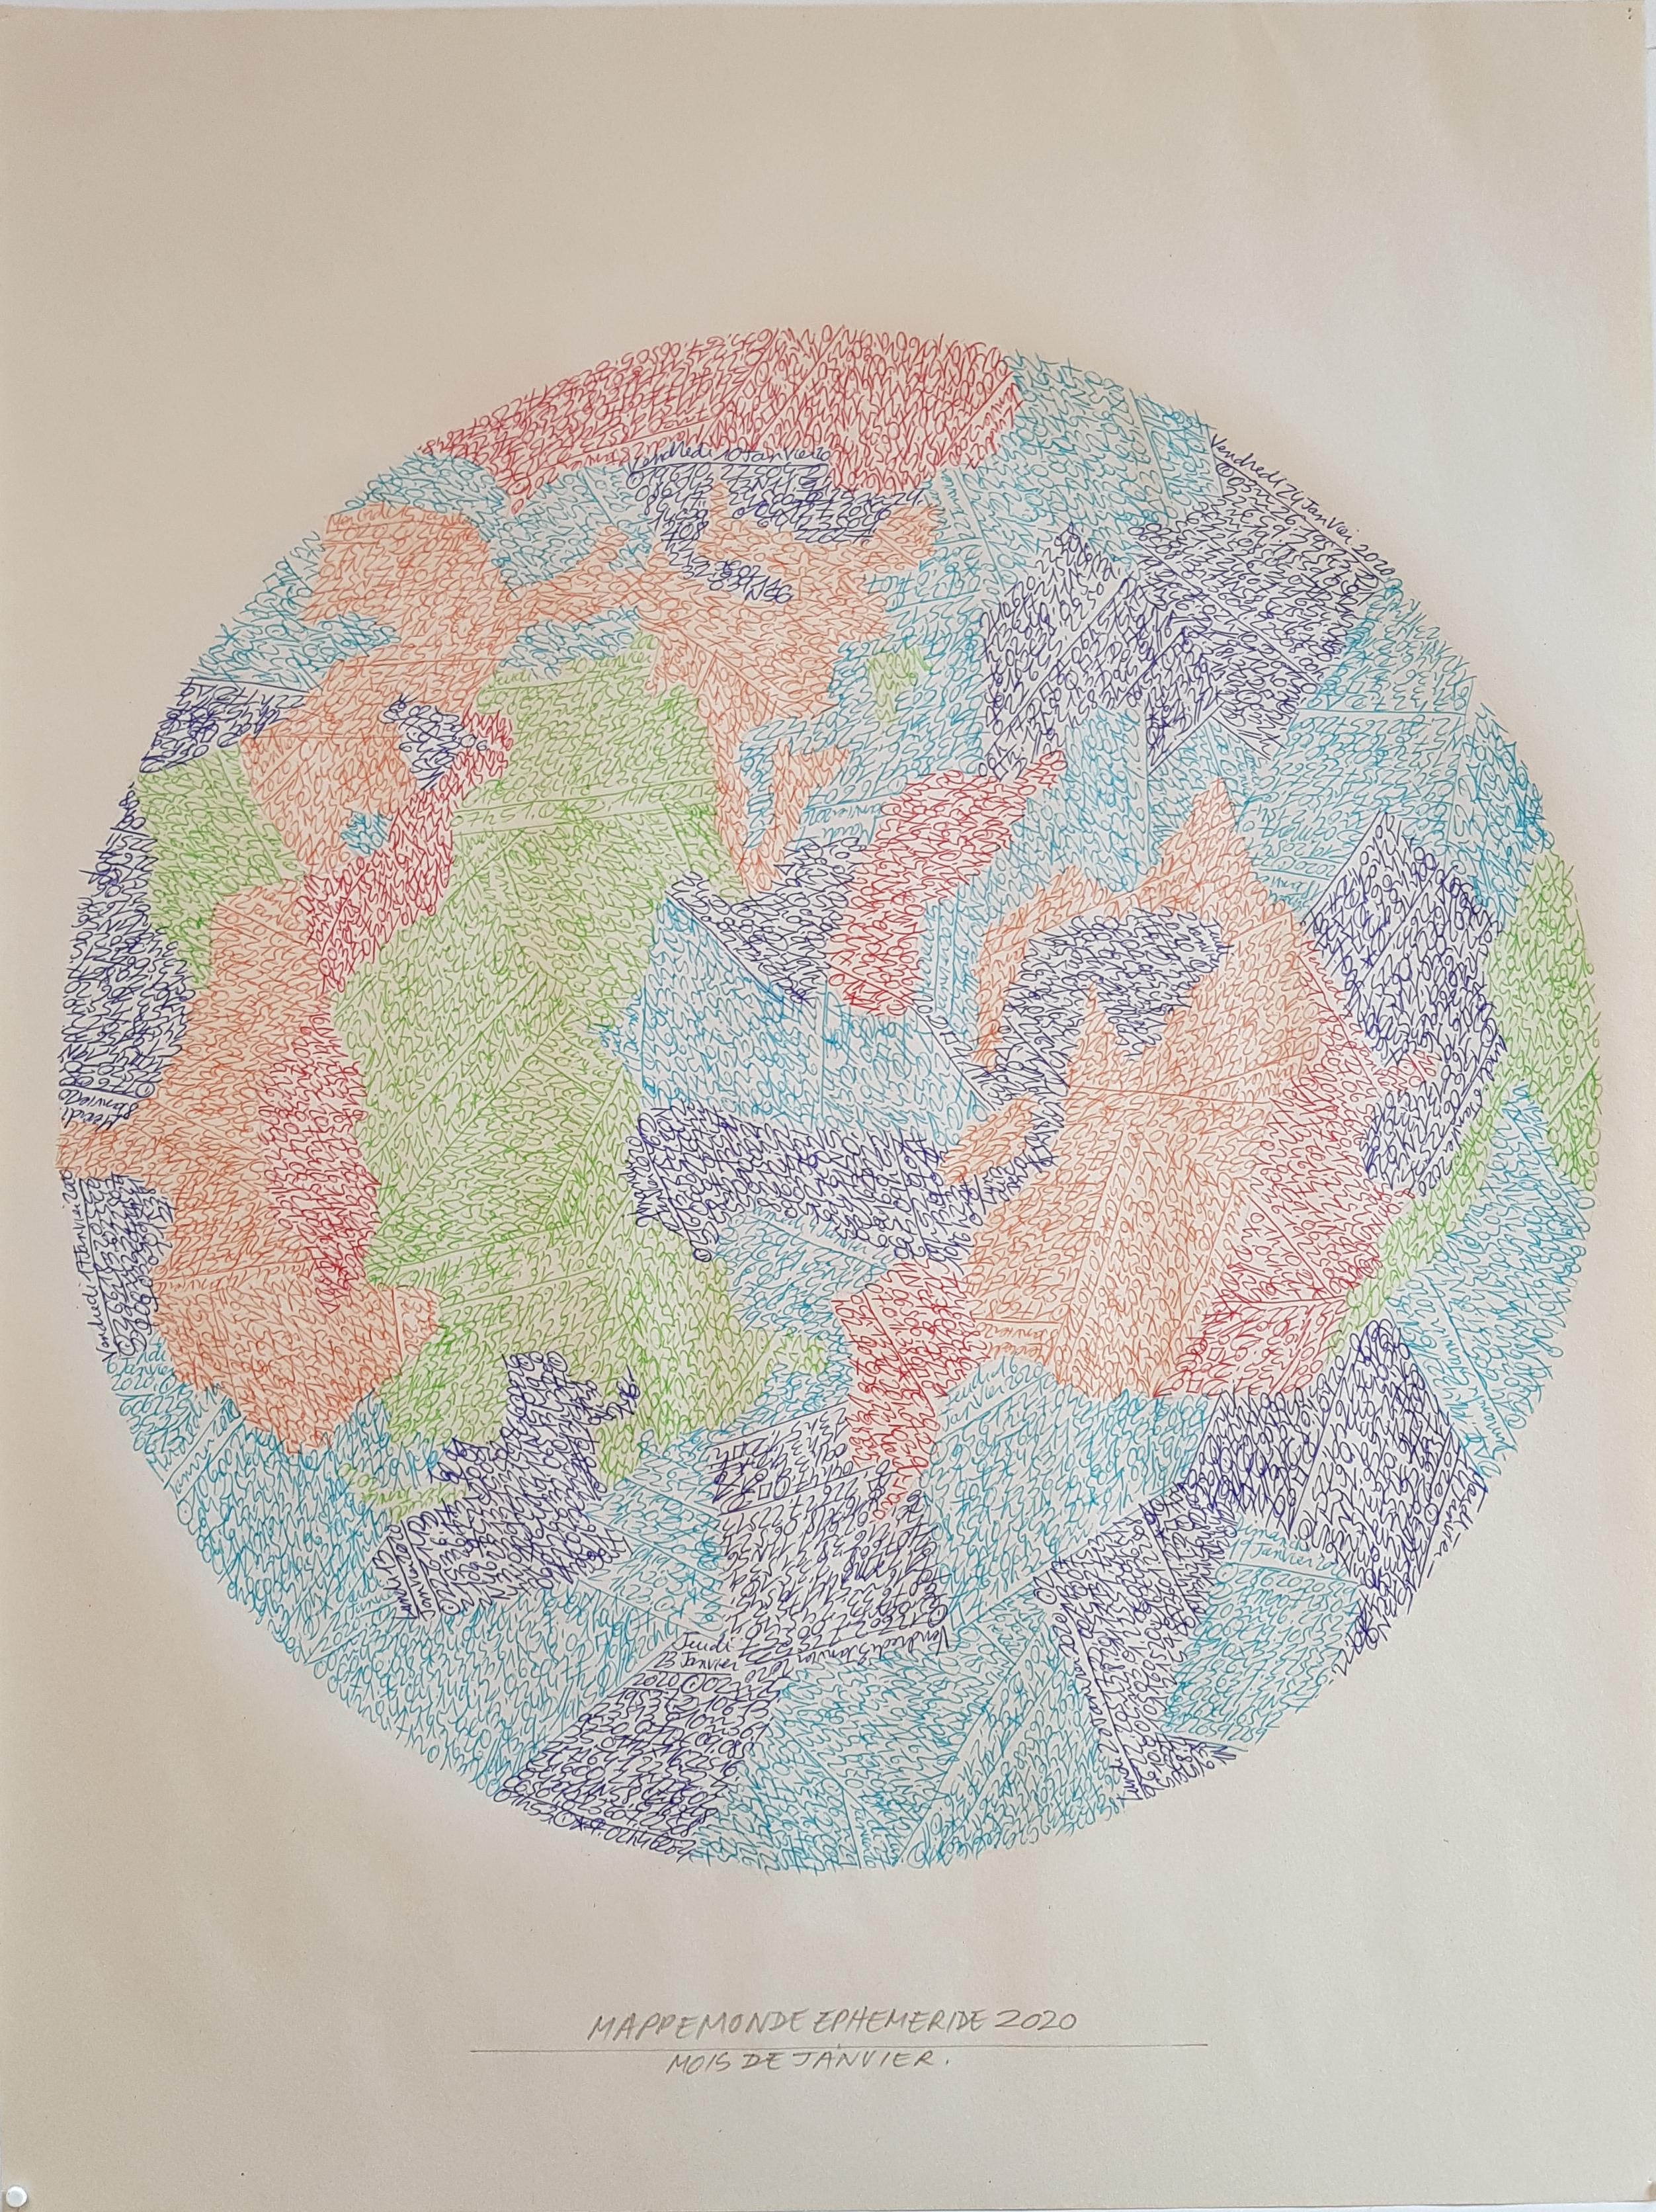 Mappemonde Ephéméride 2020, Le Pôle Nord, mois de Janvier, 1/12, stylo bille sur papier journal vierge, 60 x 45 cm. Représentation de Mappemonde par l